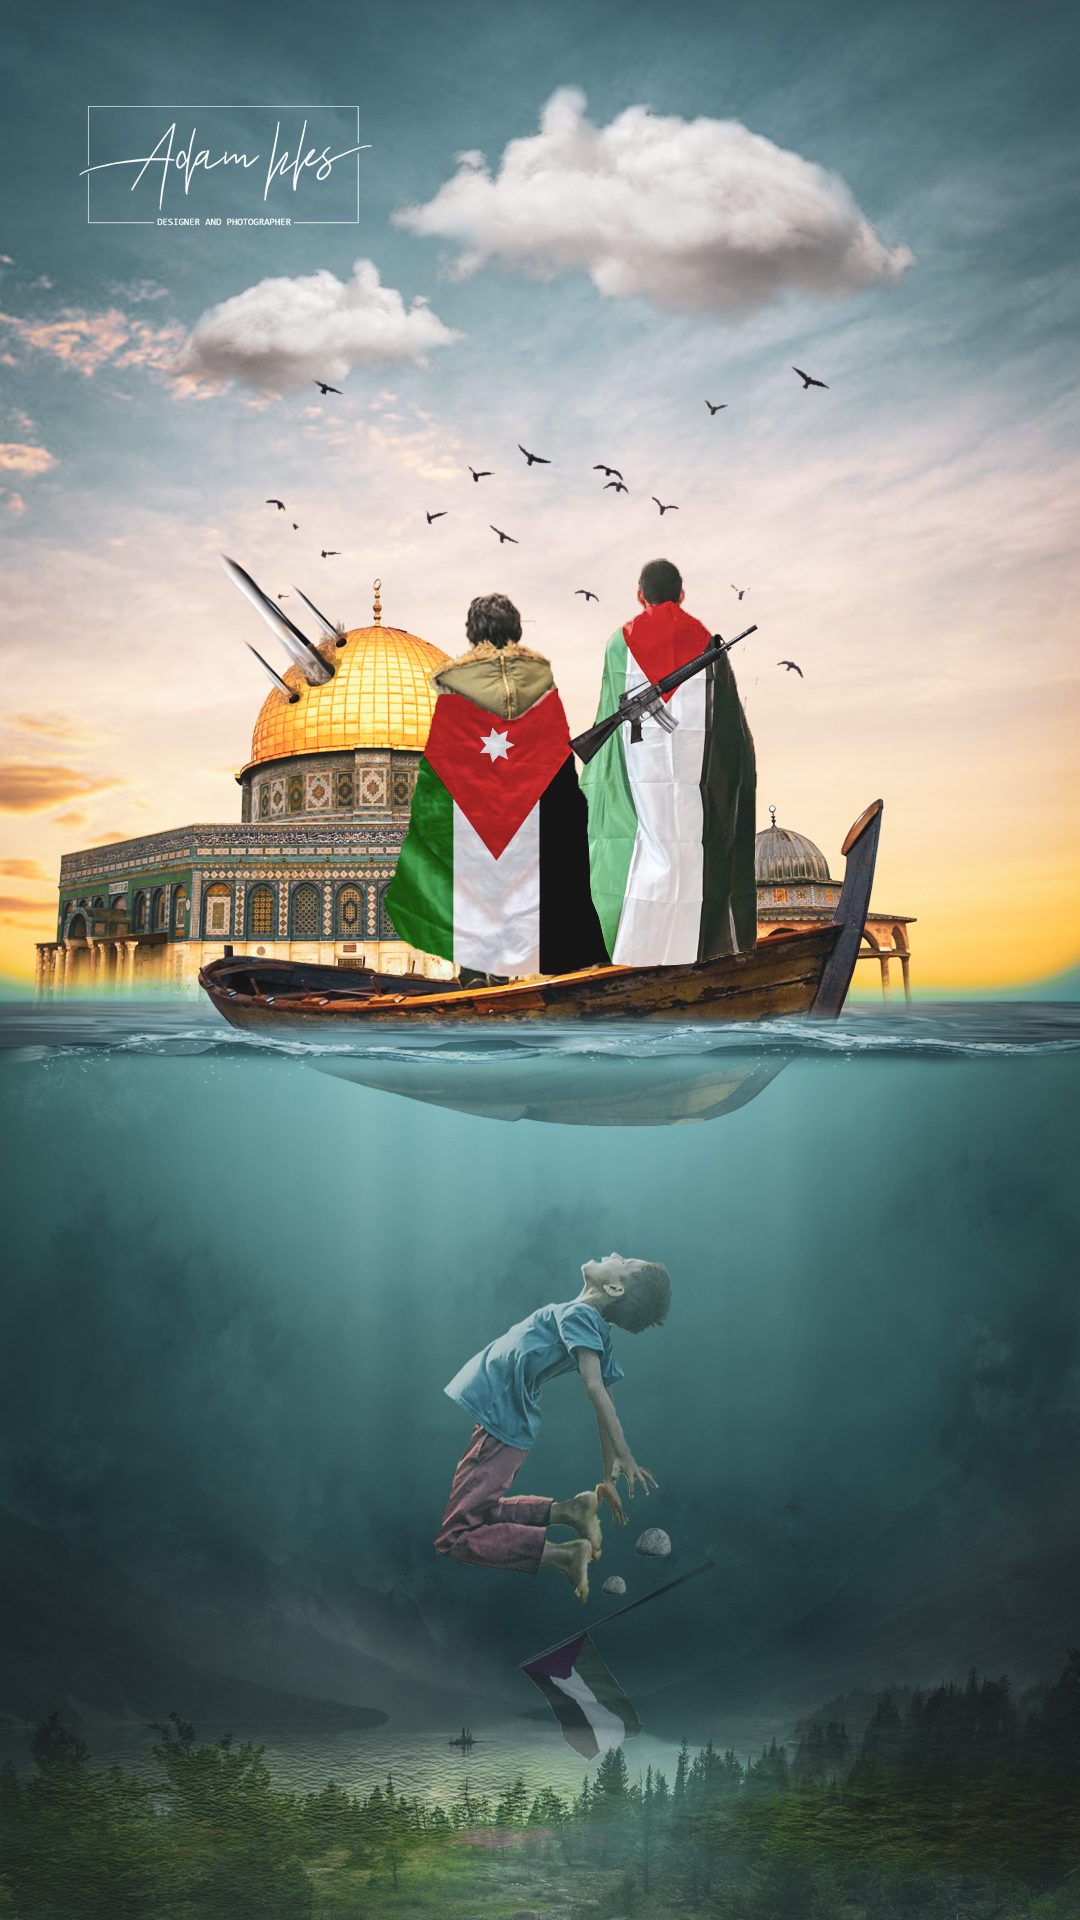 اجمل خلفية تصامن مع فلسطين علم الاردن وعلم فلسطين Flag Palestine and Jordan